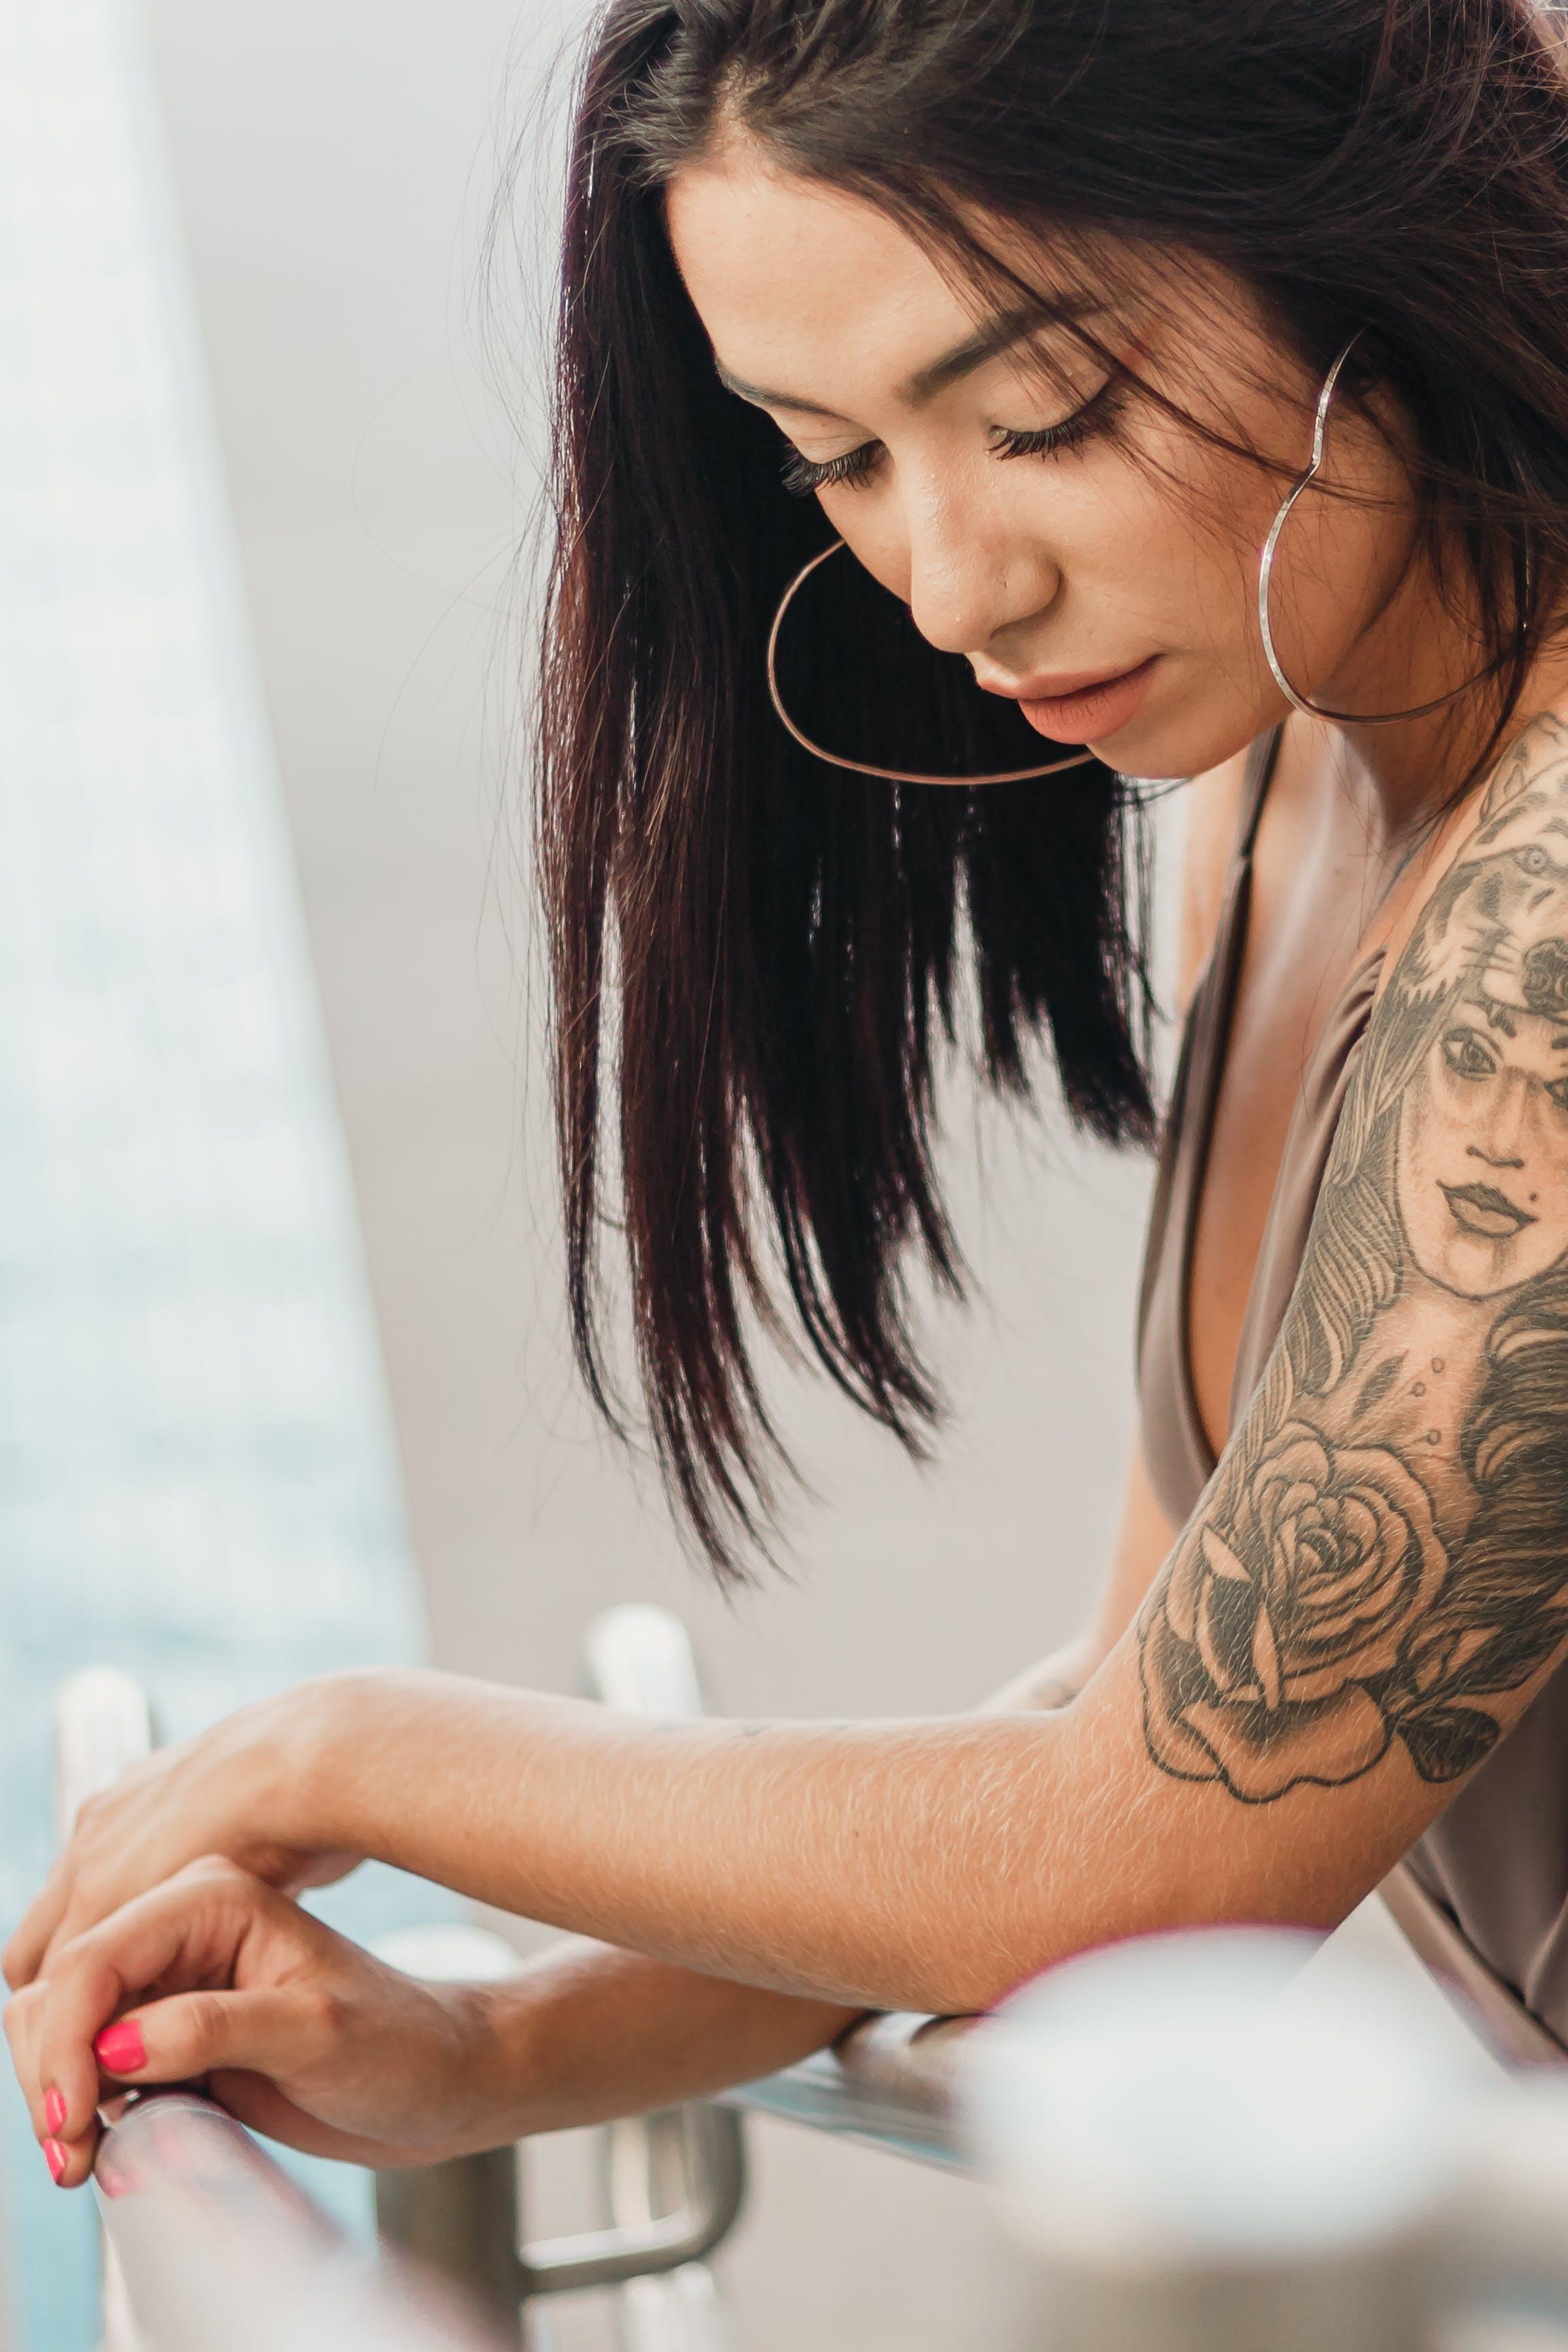 低頭看, 刺青的, 咖啡色頭髮的女人, 女人 的 免费素材照片